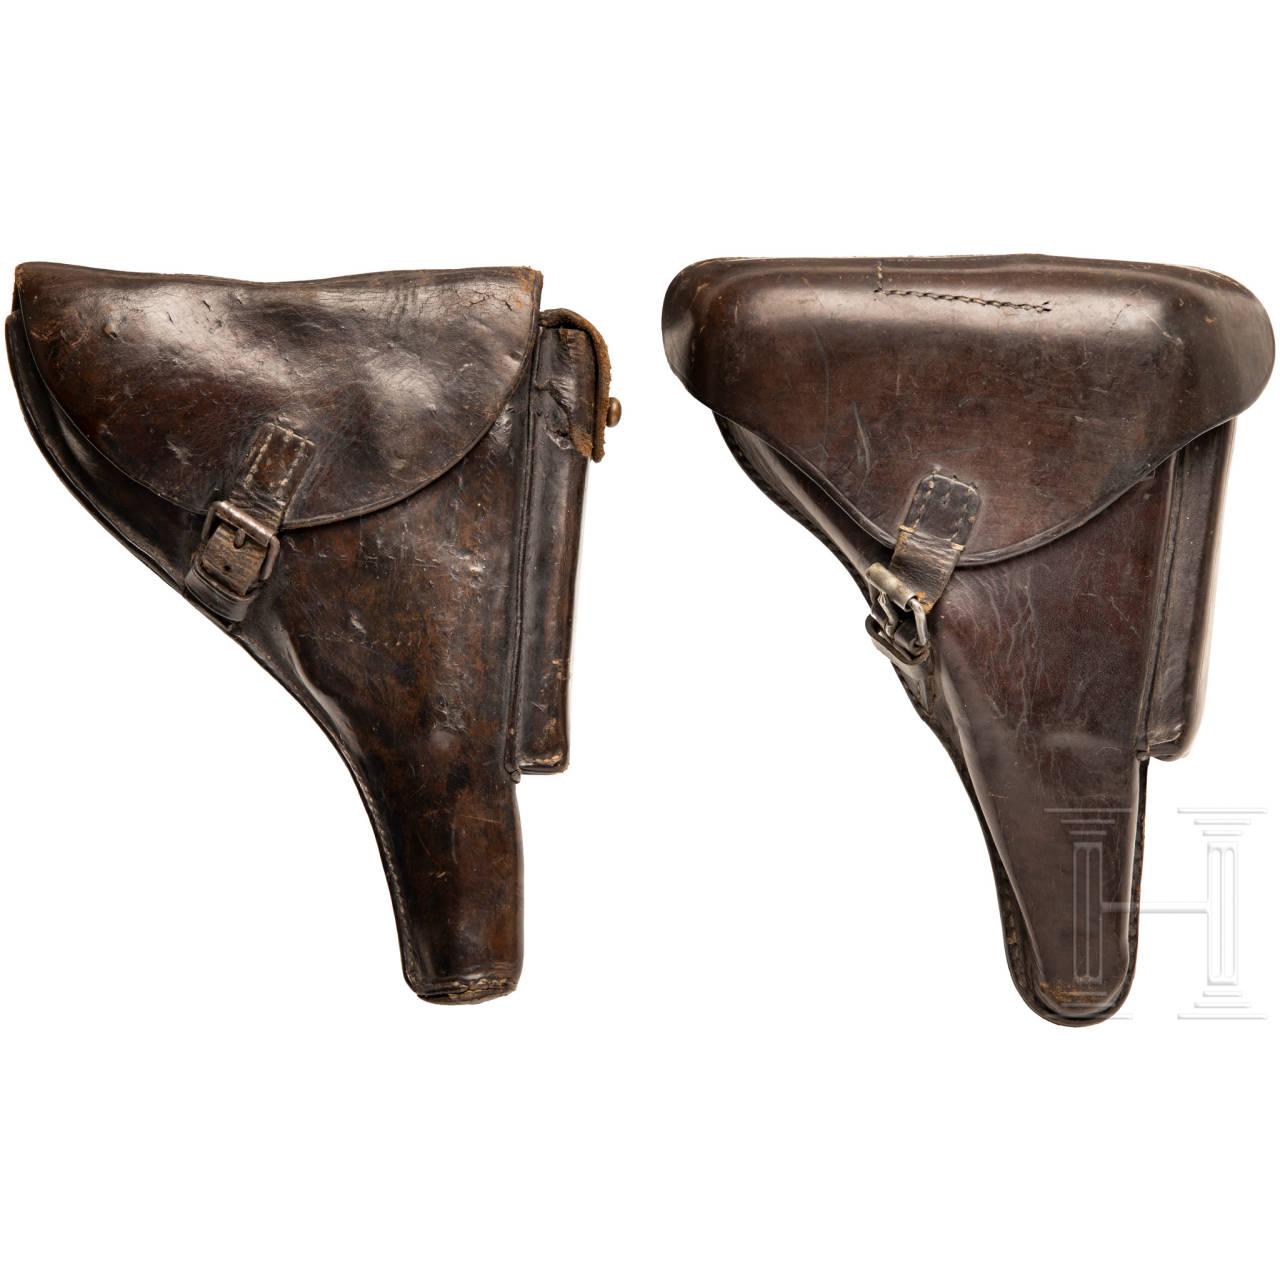 Zwei Koffertaschen für P 08, Kaiserreich